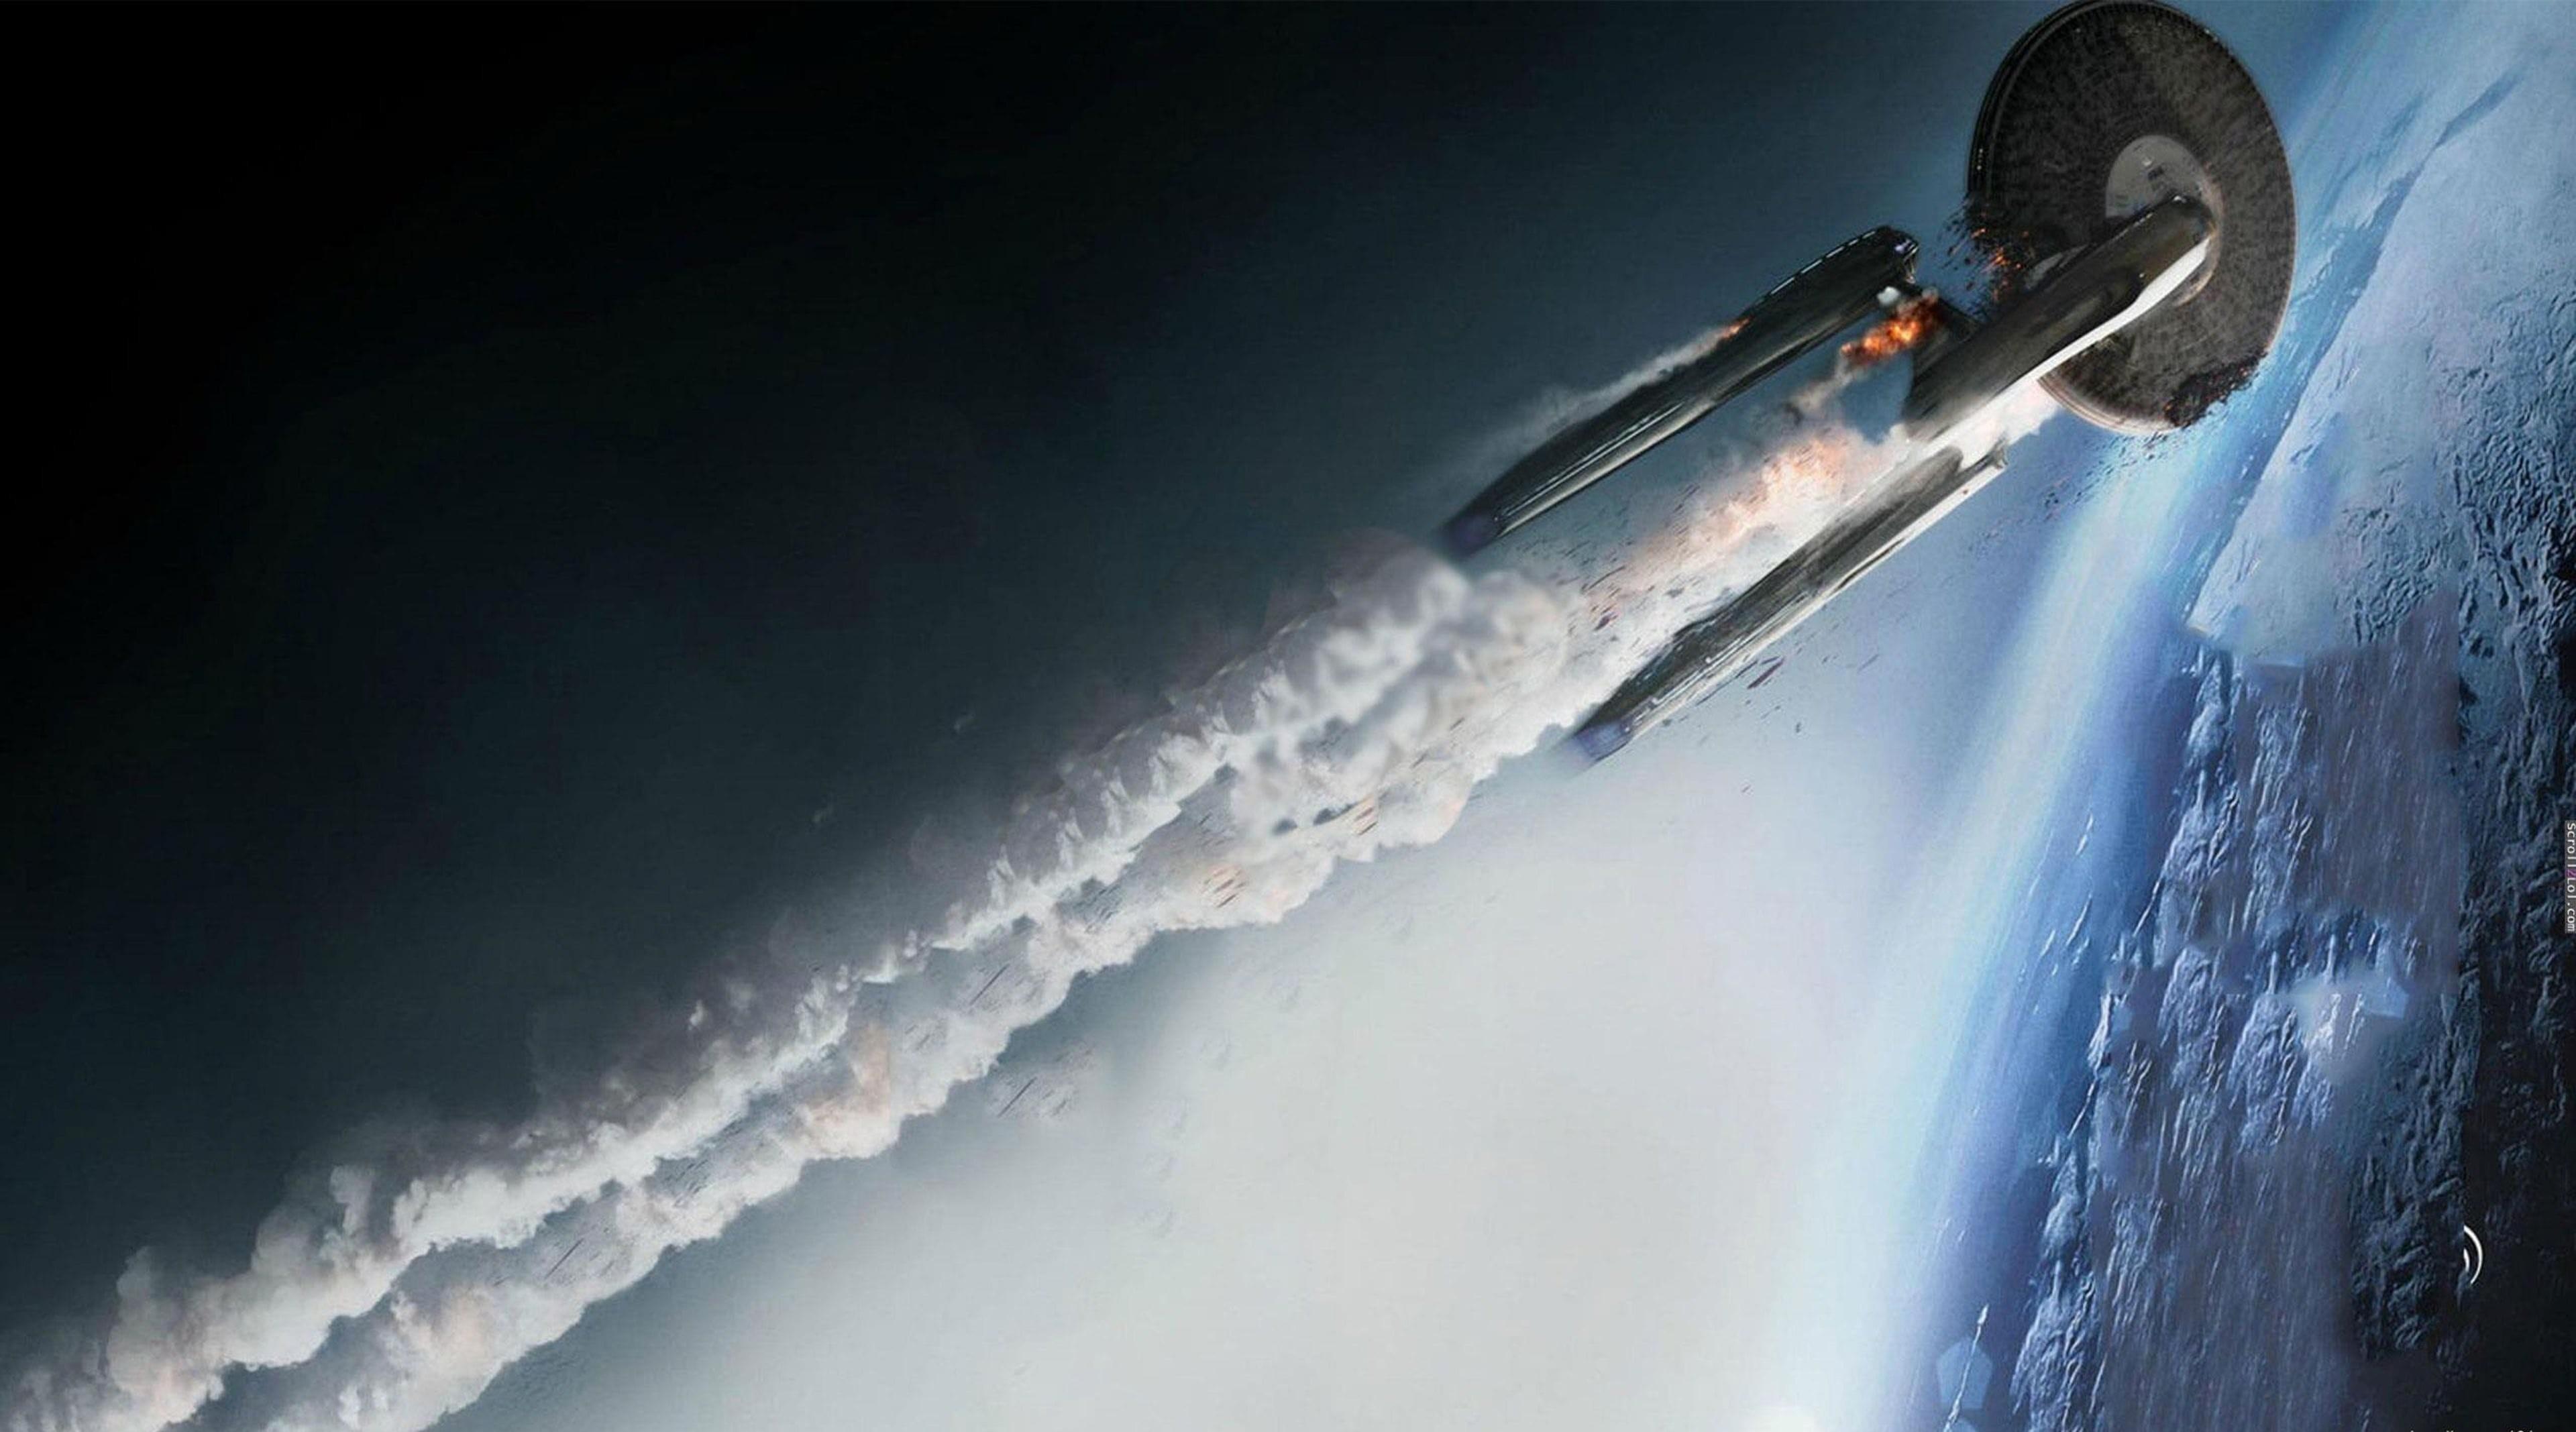 Star Trek Beyond full hd wallpapers Star Trek Beyond for mobile